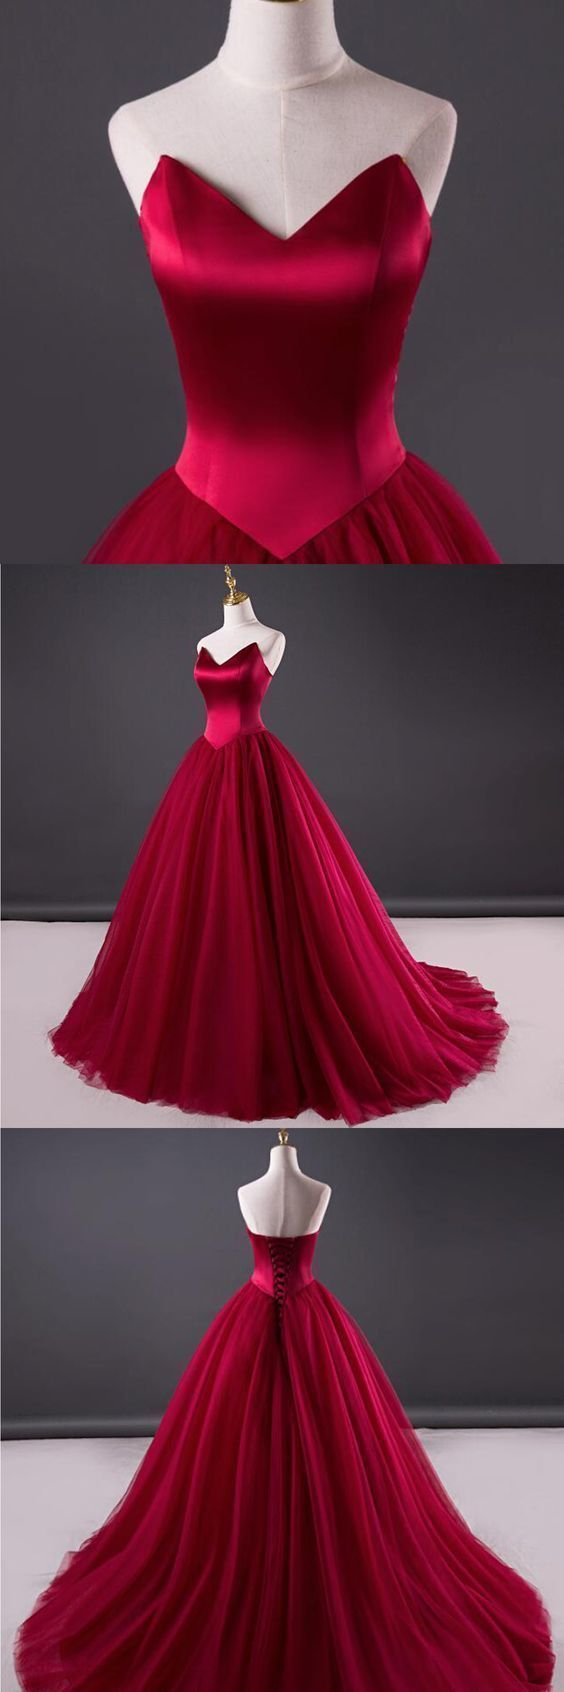 Prom Dresses Wine Red Prom Dress New Prom Gown Evening Gowns Ball Gown Evening Gown Prom Go Cheap Prom Dresses Long Strapless Prom Dresses Evening Dresses Prom [ 1692 x 564 Pixel ]